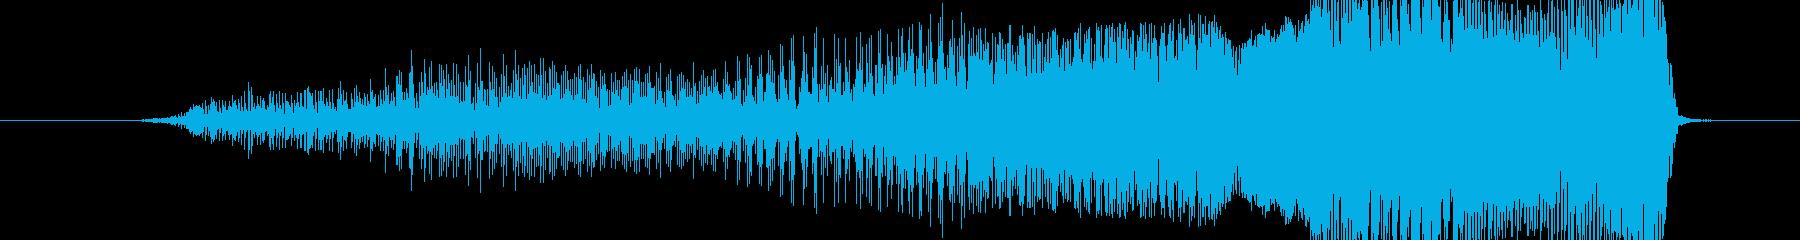 はぁぁっ!の再生済みの波形